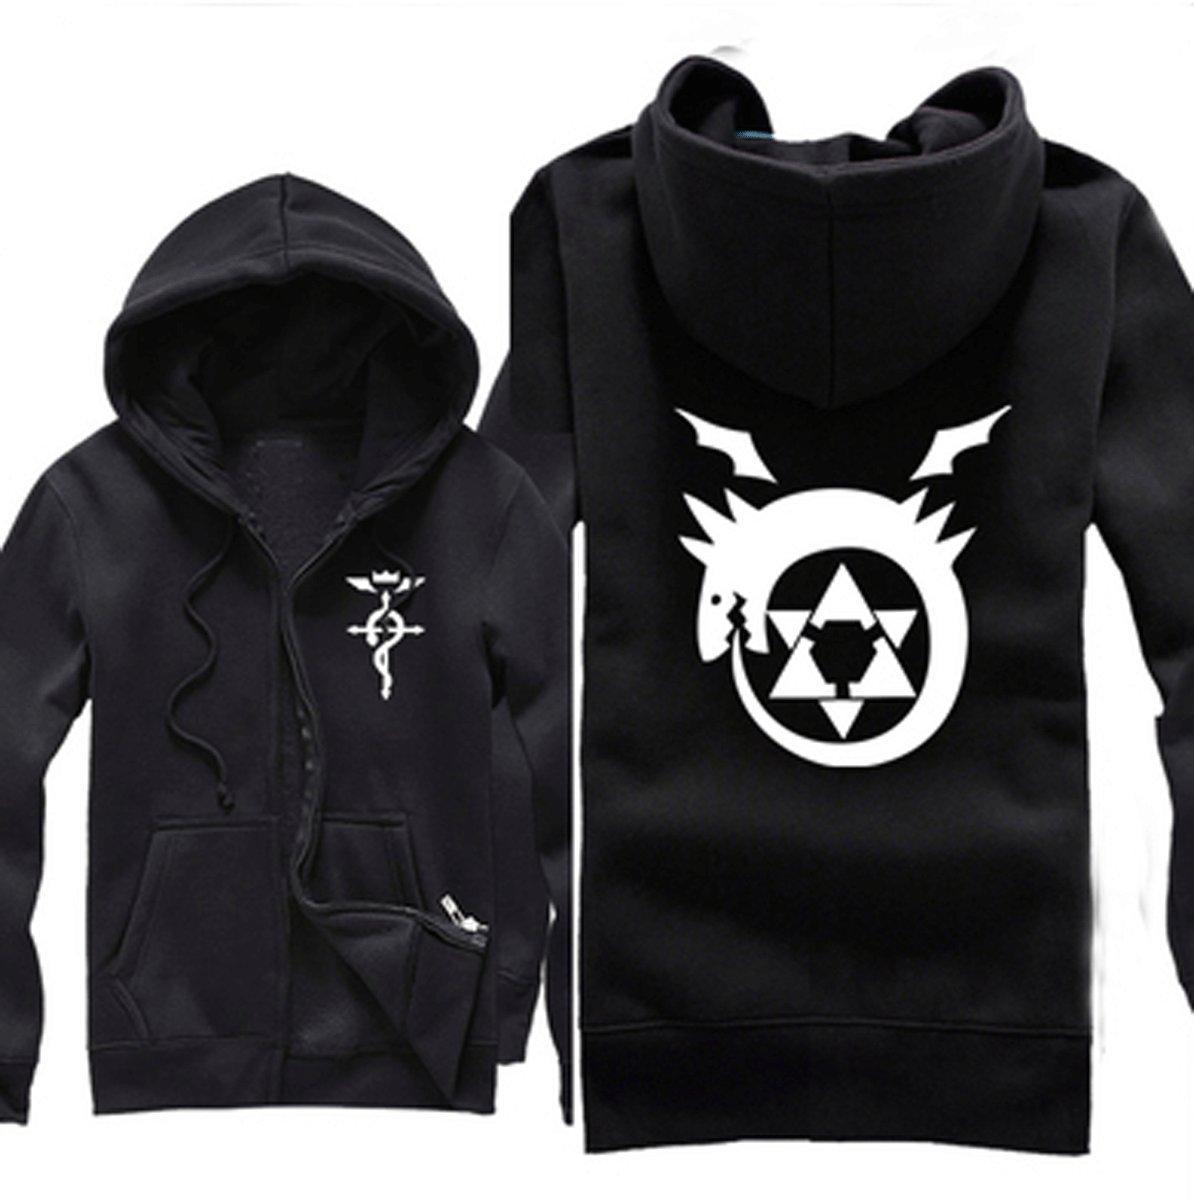 Camplayco Fullmetal Alchemist Logo Cosplay Black Hoodie Warm Coat Size XXL